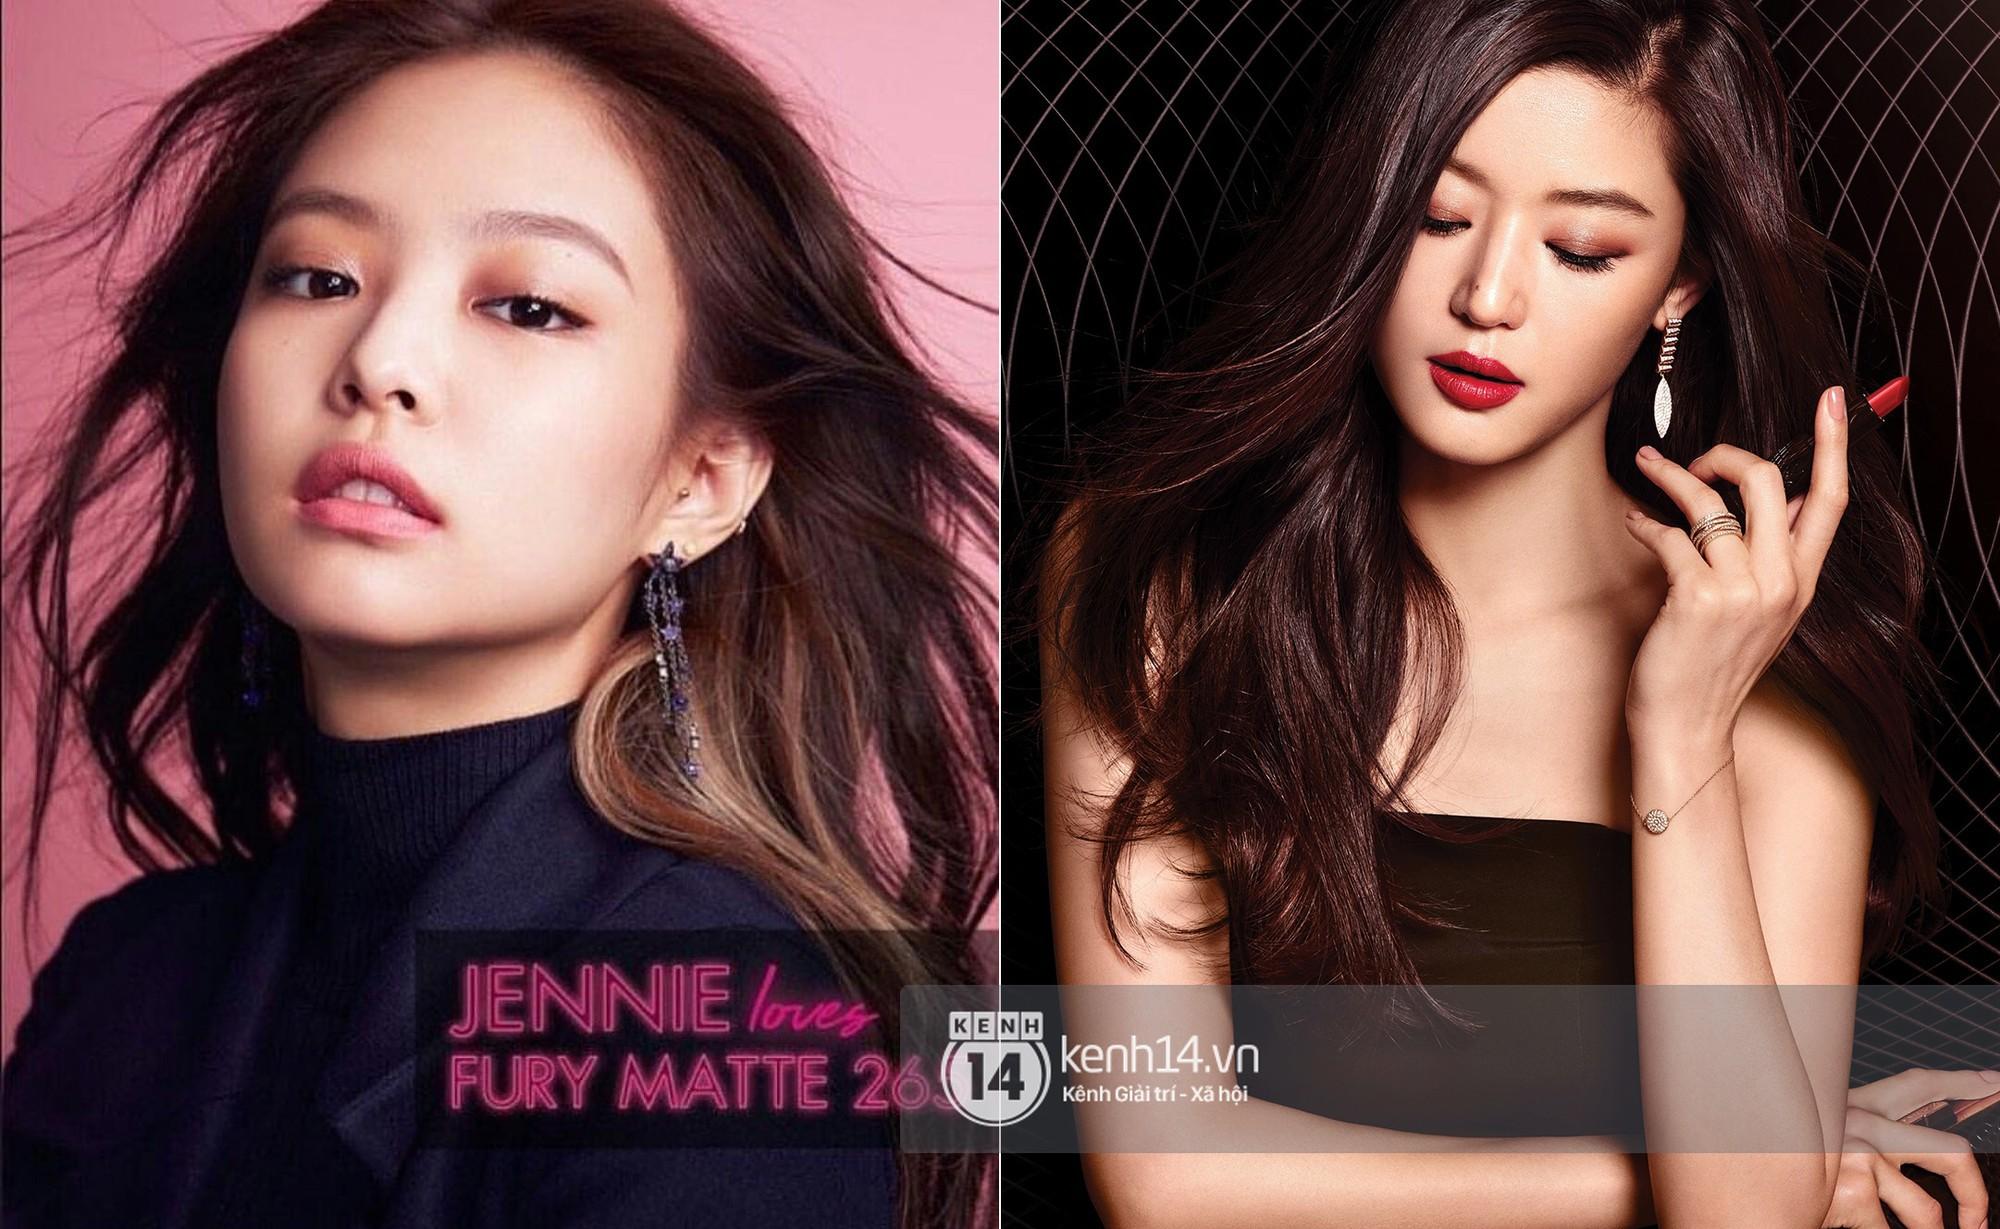 Từng bị chê thua kém Jeon Ji Hyun, nay Jennie đã chứng minh đẳng cấp khi đem lại doanh thu khủng cho hãng mỹ phẩm Hàn - Ảnh 1.